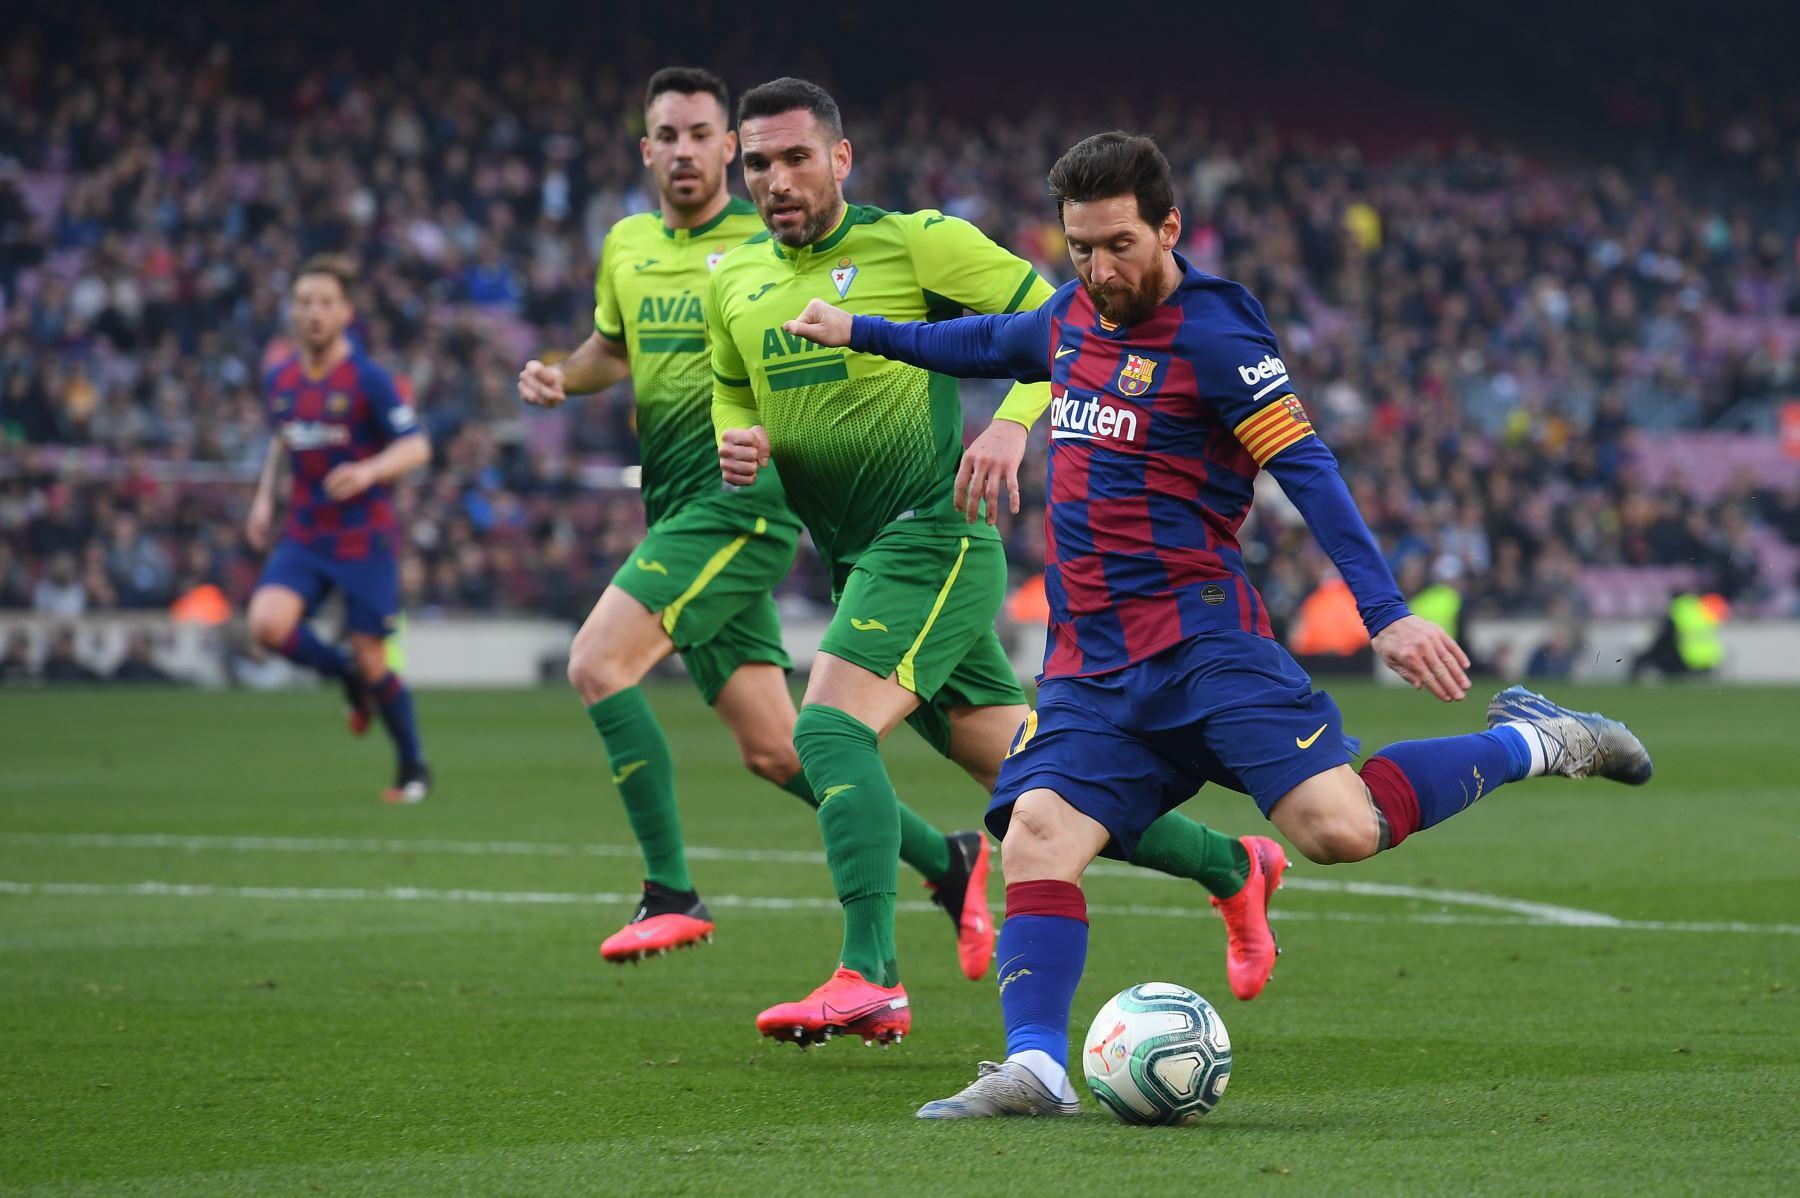 El delantero argentino de Barcelona Lionel Messi patea la pelota durante el partido de fútbol de la liga española FC Barcelona contra SD Eibar. Foto: AFP